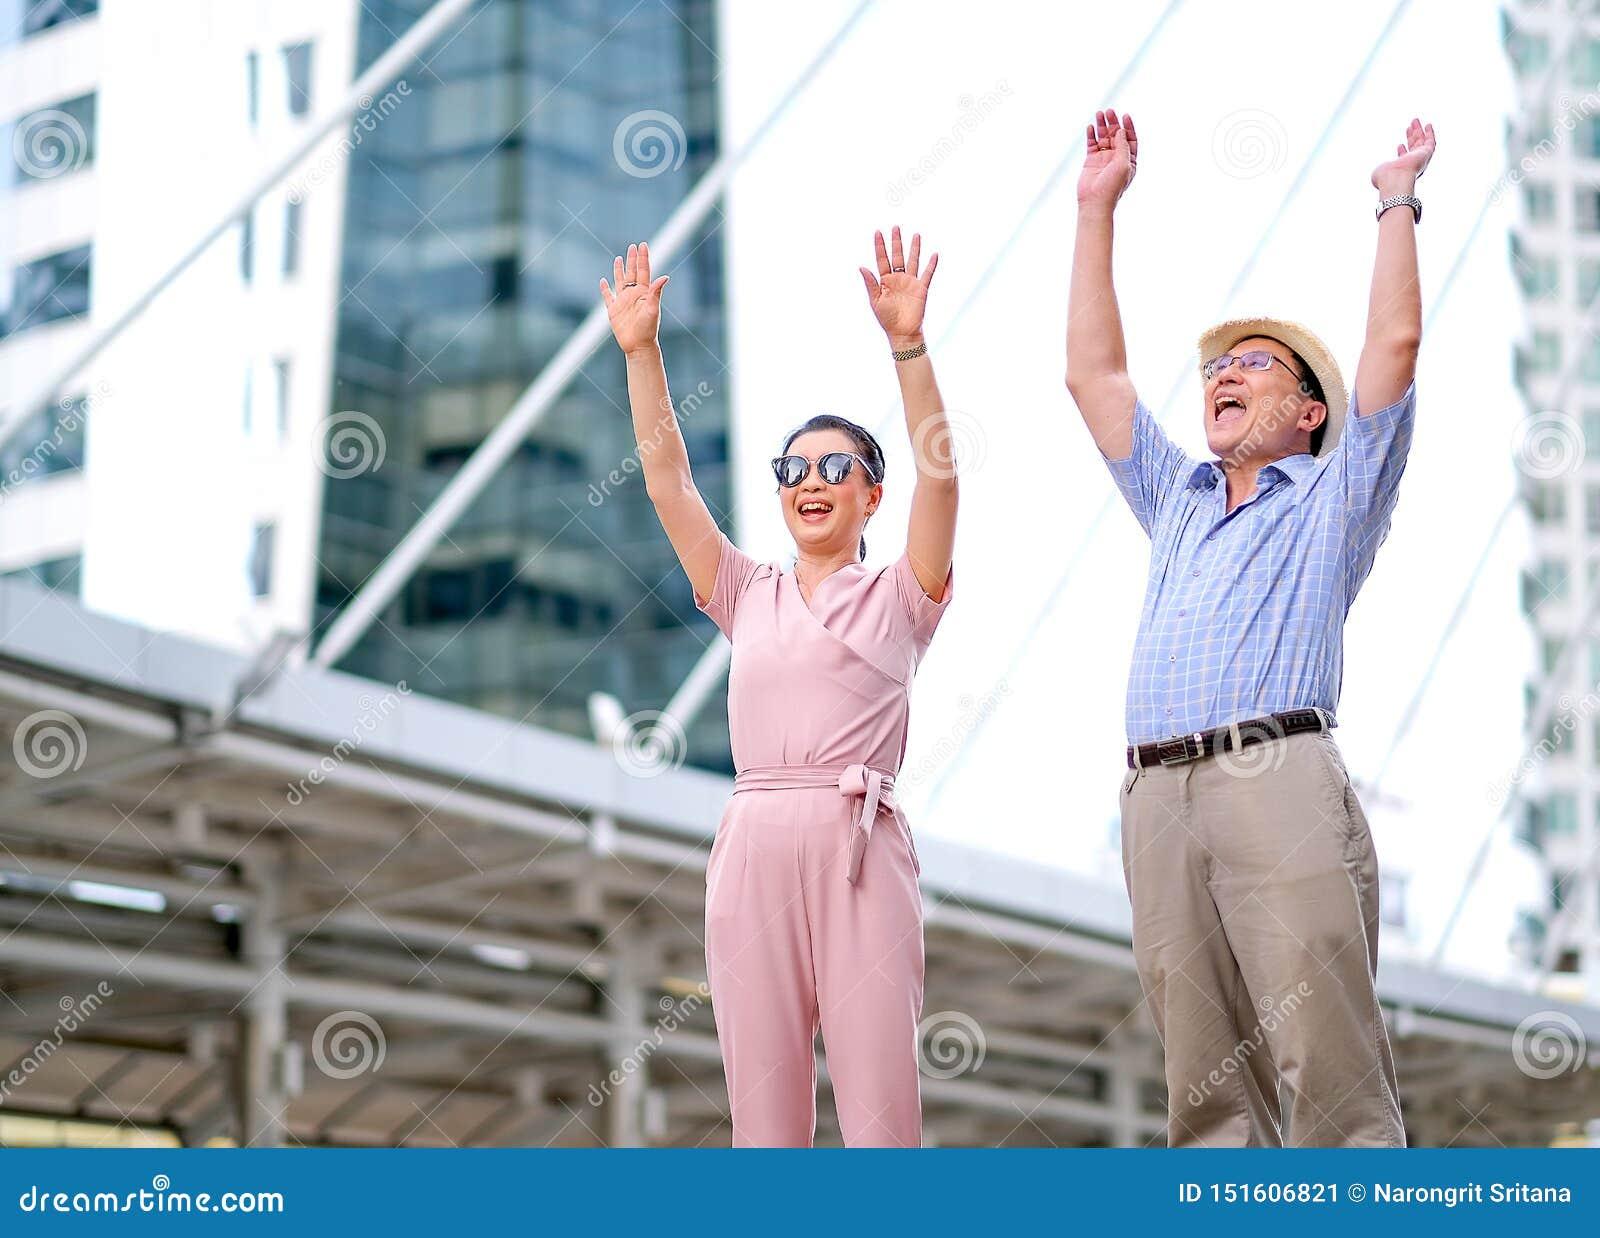 Het paar van Aziatische oude man en vrouwentoerist handelt zoals opwekkend en zeer gelukkig Deze foto bevat ook concept het goede